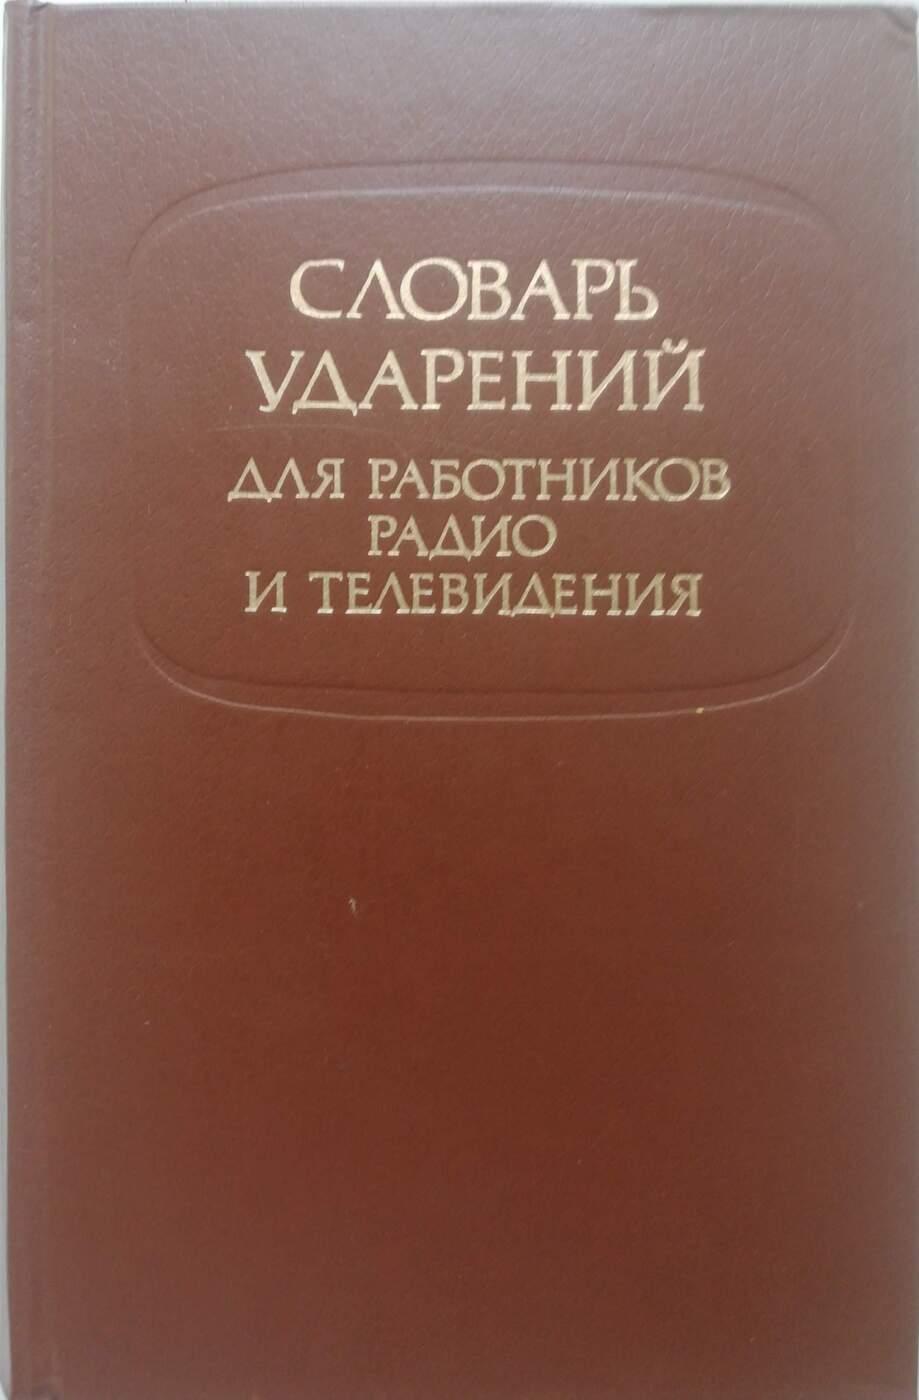 Ф. Агеенко, М. Зарва Словарь ударений для работников радио и телевидения